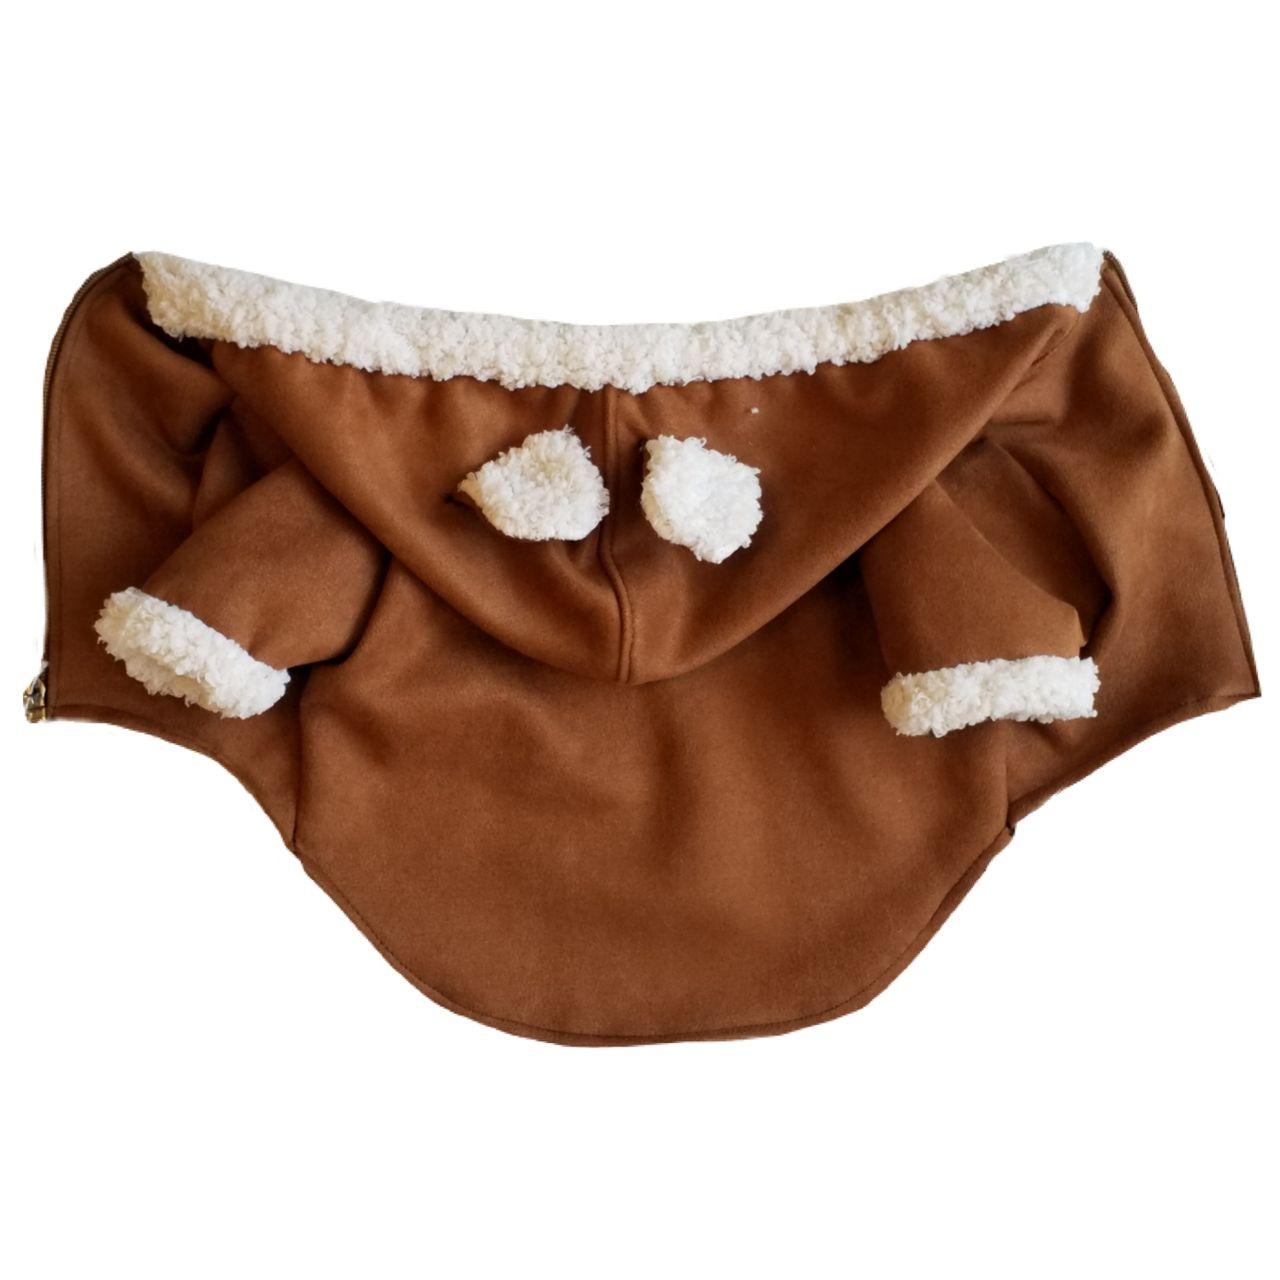 لباس سگ مدل کلاهدار سایز M